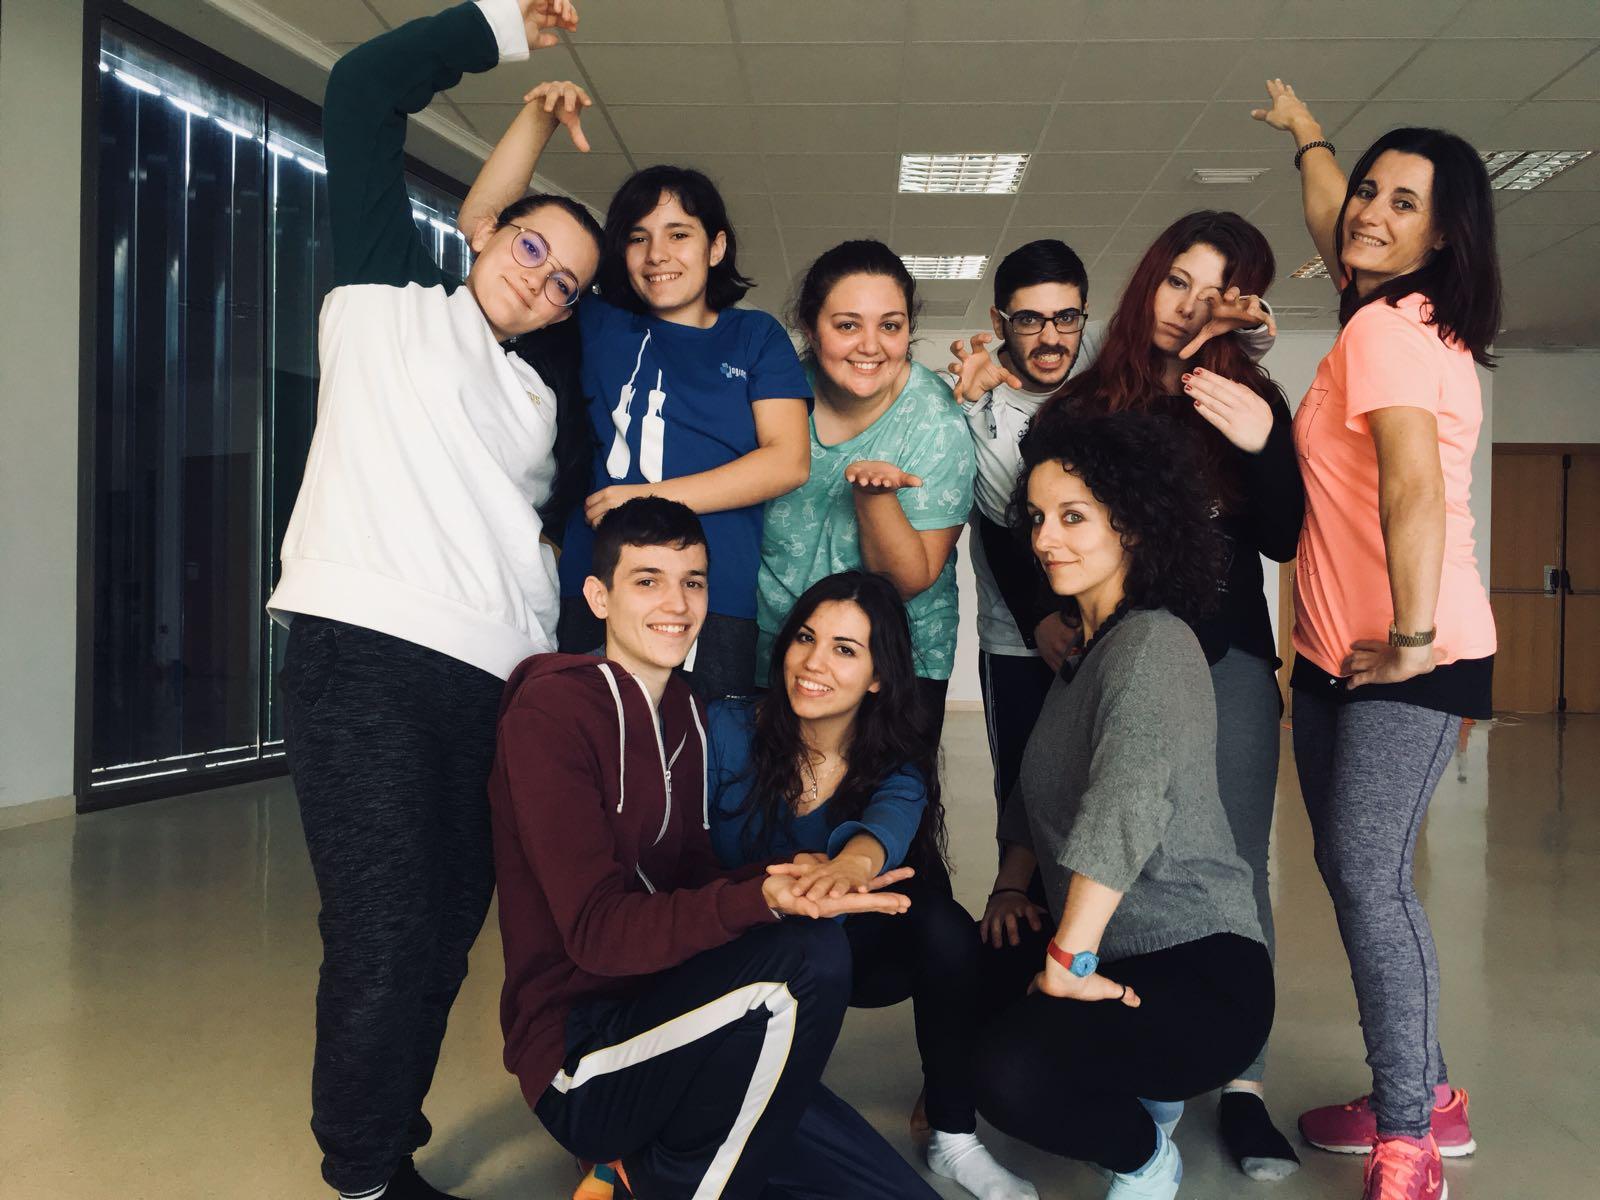 La concejalía de Juventud programa actividades para todos los gustos durante estas fiestas.